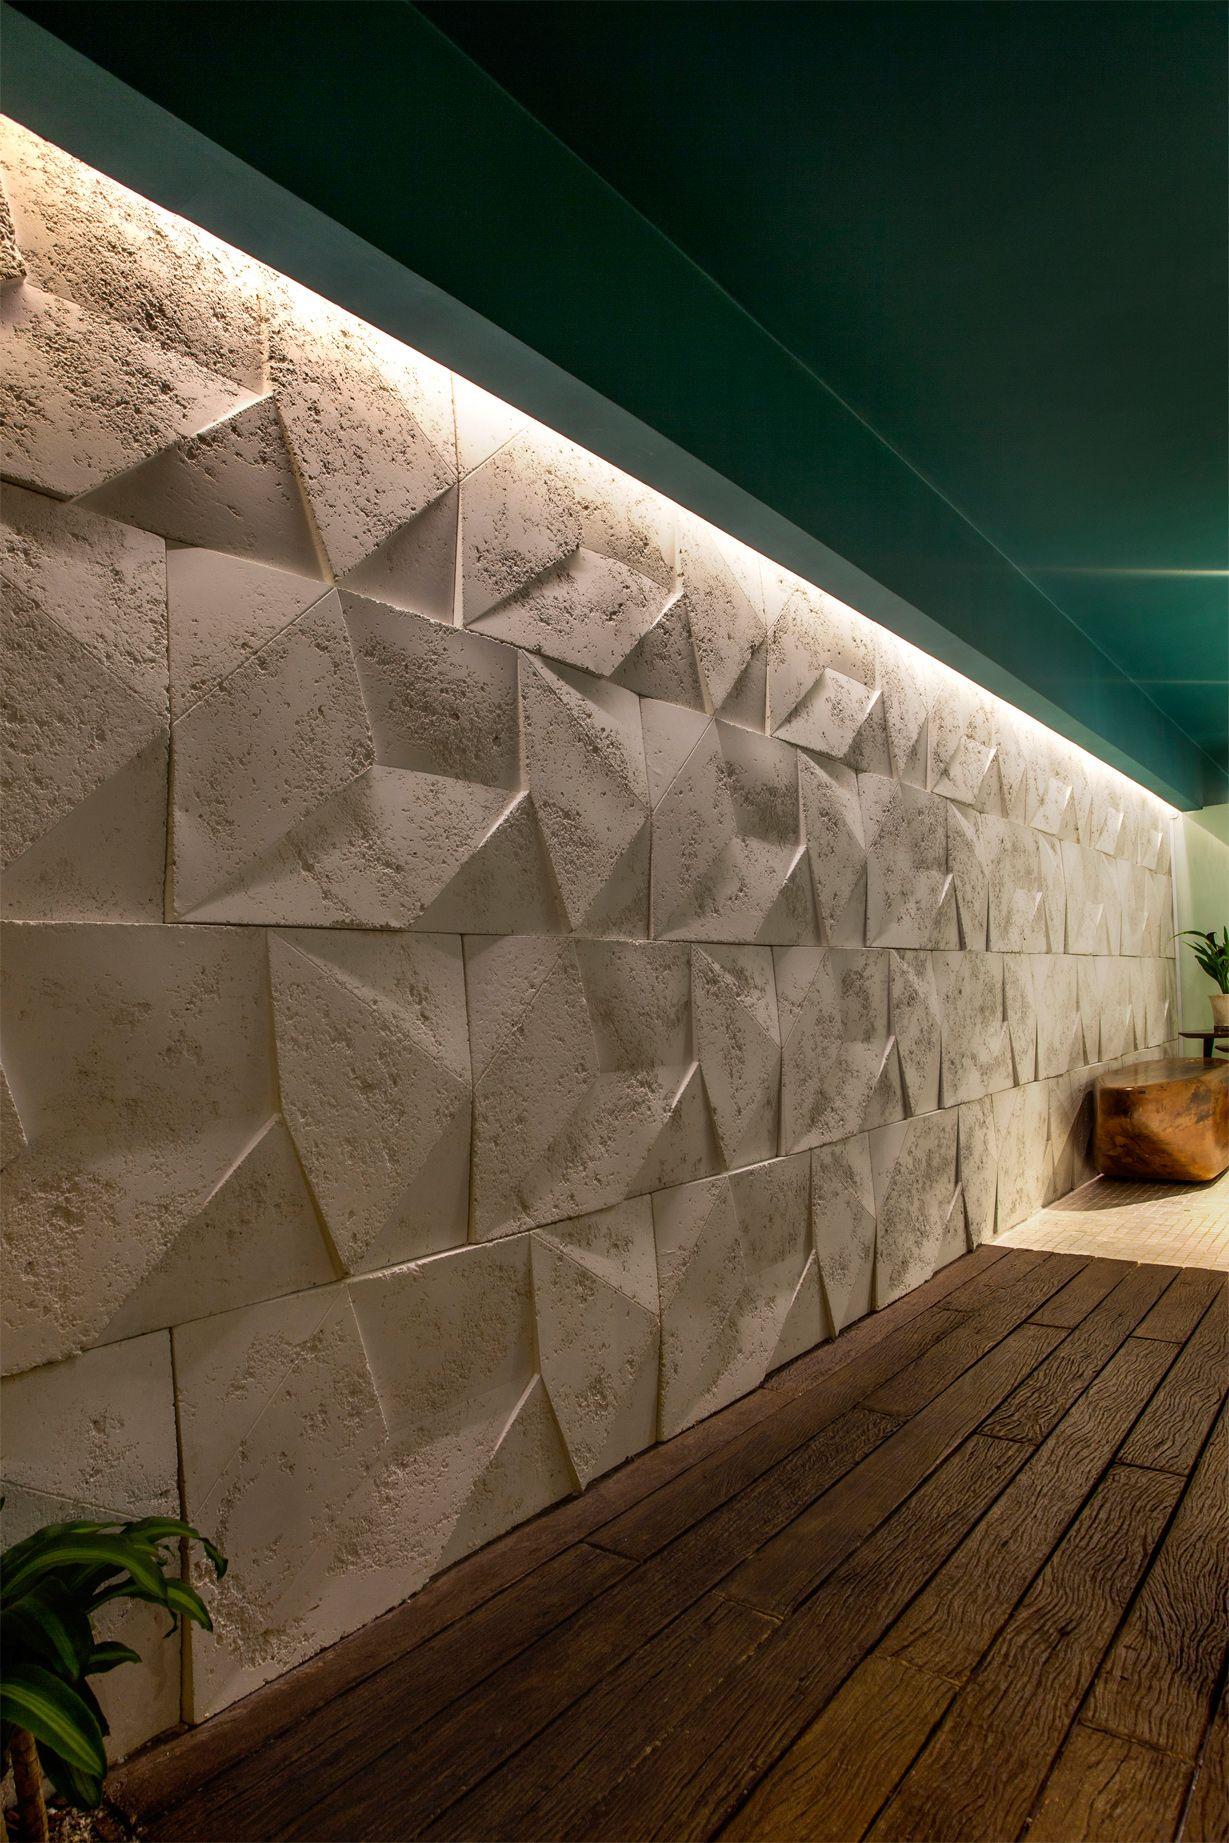 #A0662B Castelatto Pisos e Revestimentos marcou presena no evento Casa Cor  1229x1843 px Banheiro Publico Arquitetura 2013